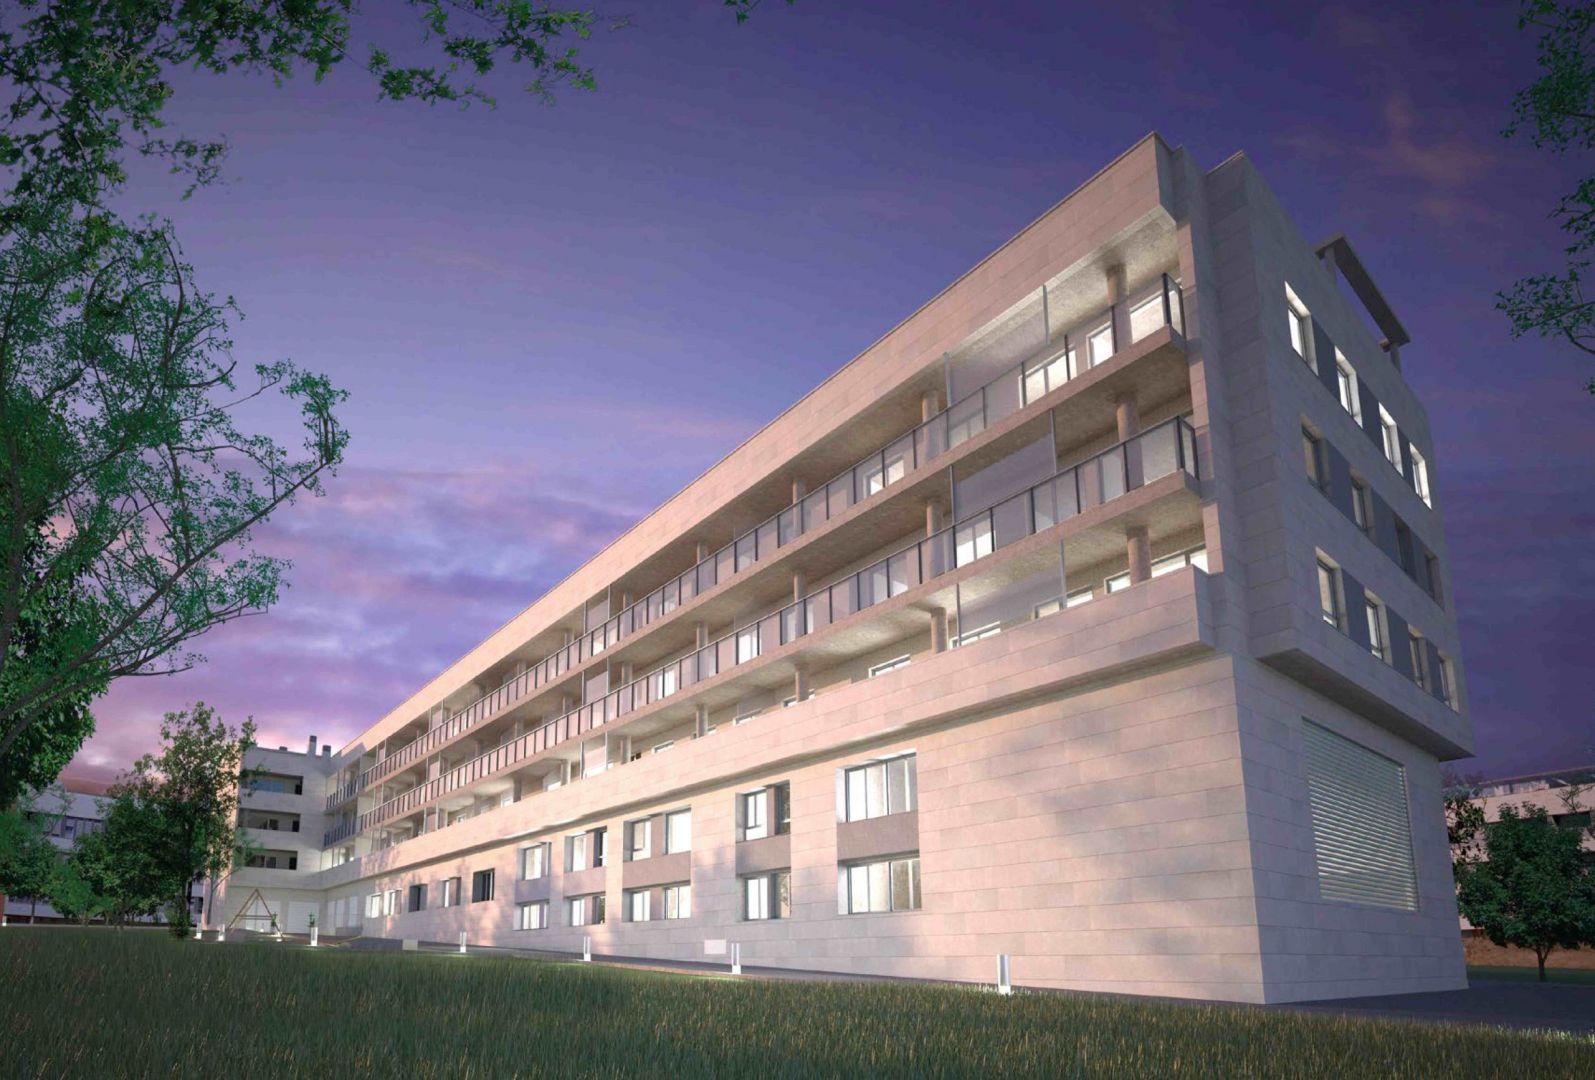 Vialterra Infraestructuras adjudicataria de las obras de construcción de un edificio de 27 viviendas y aparcamiento en Torrent. Valencia